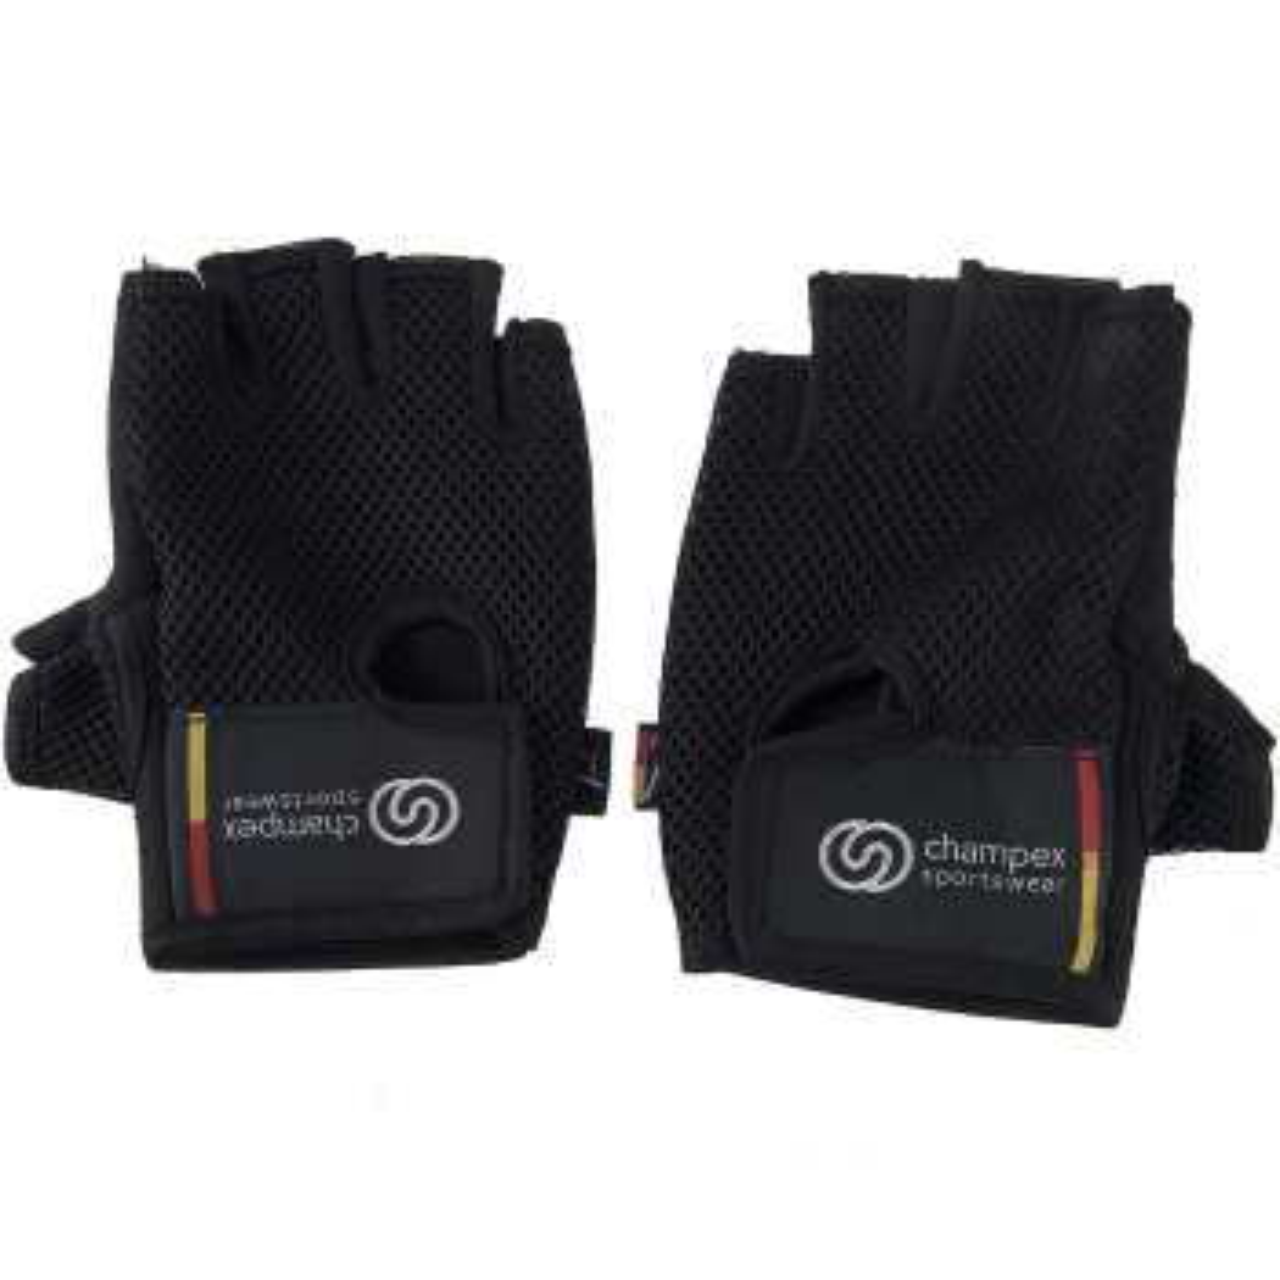 دستکش تمرین با وزنه چمپکس مدل Fit Palm سایز متوسط